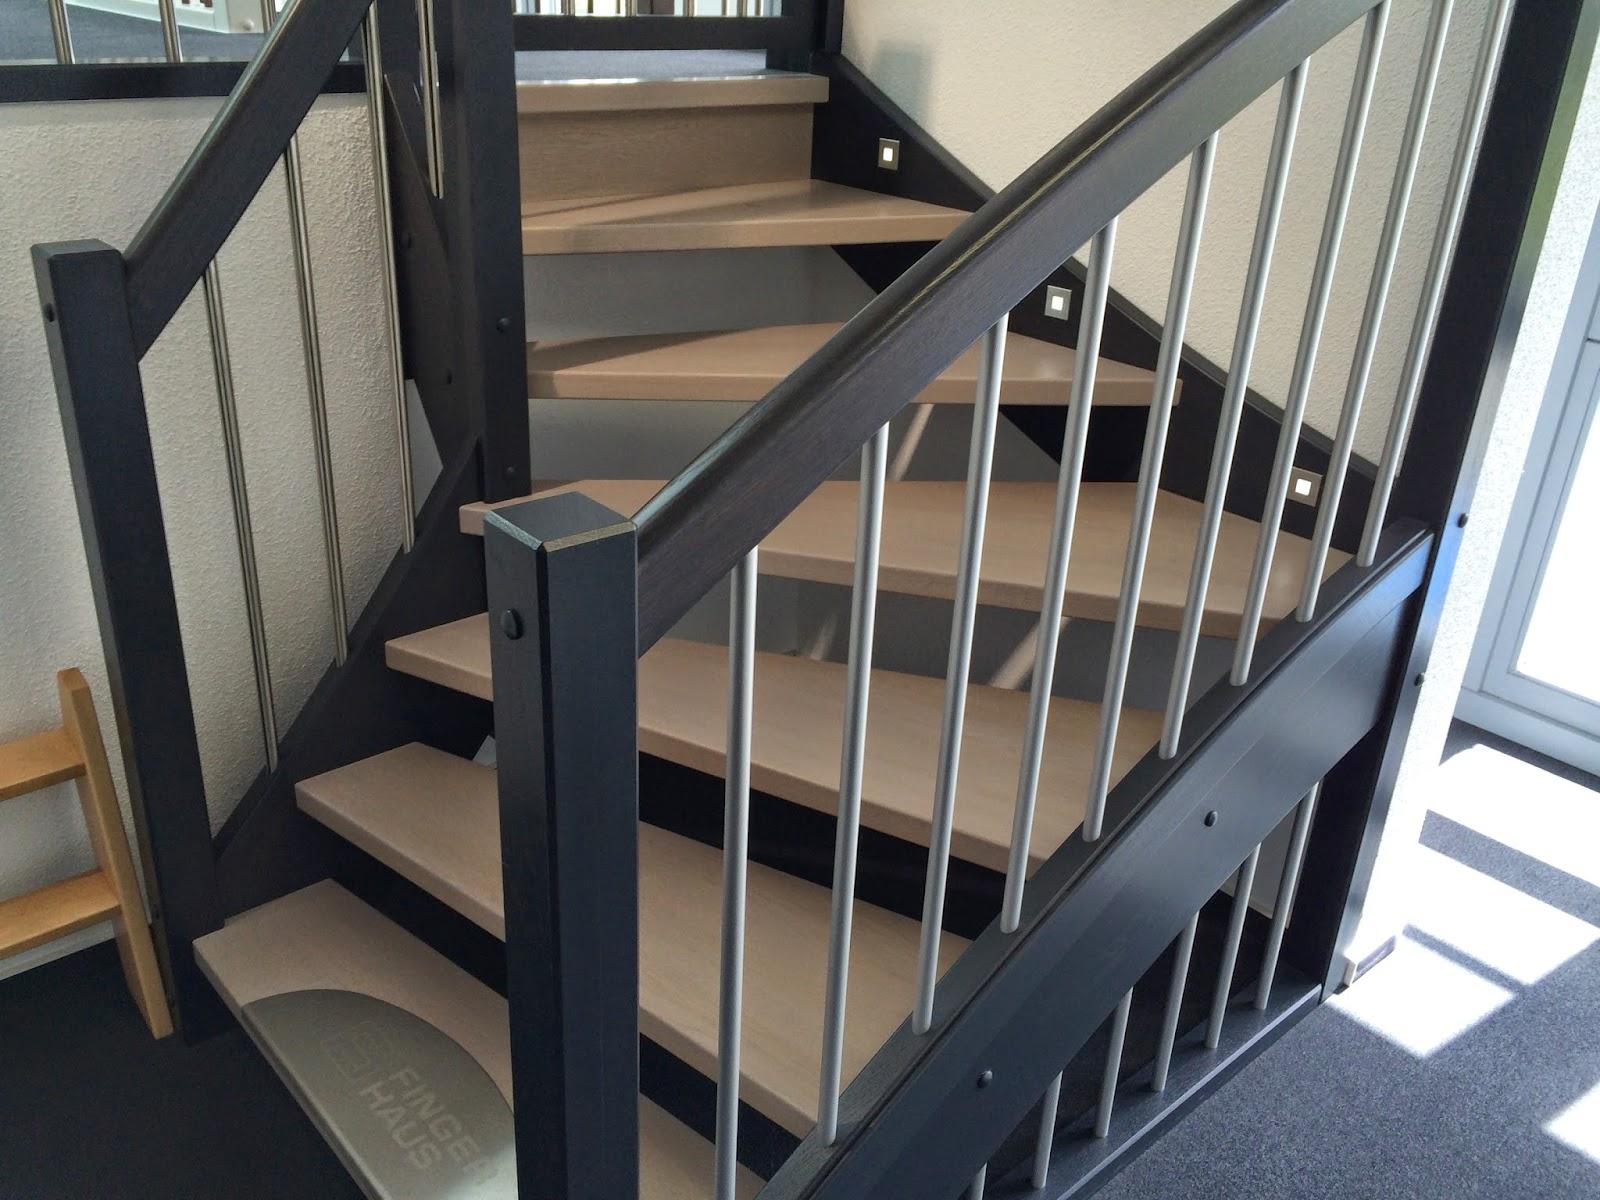 Fingerhaus vio treppe  Fingerhaus Vio Treppe ~ Raum- und Möbeldesign-Inspiration